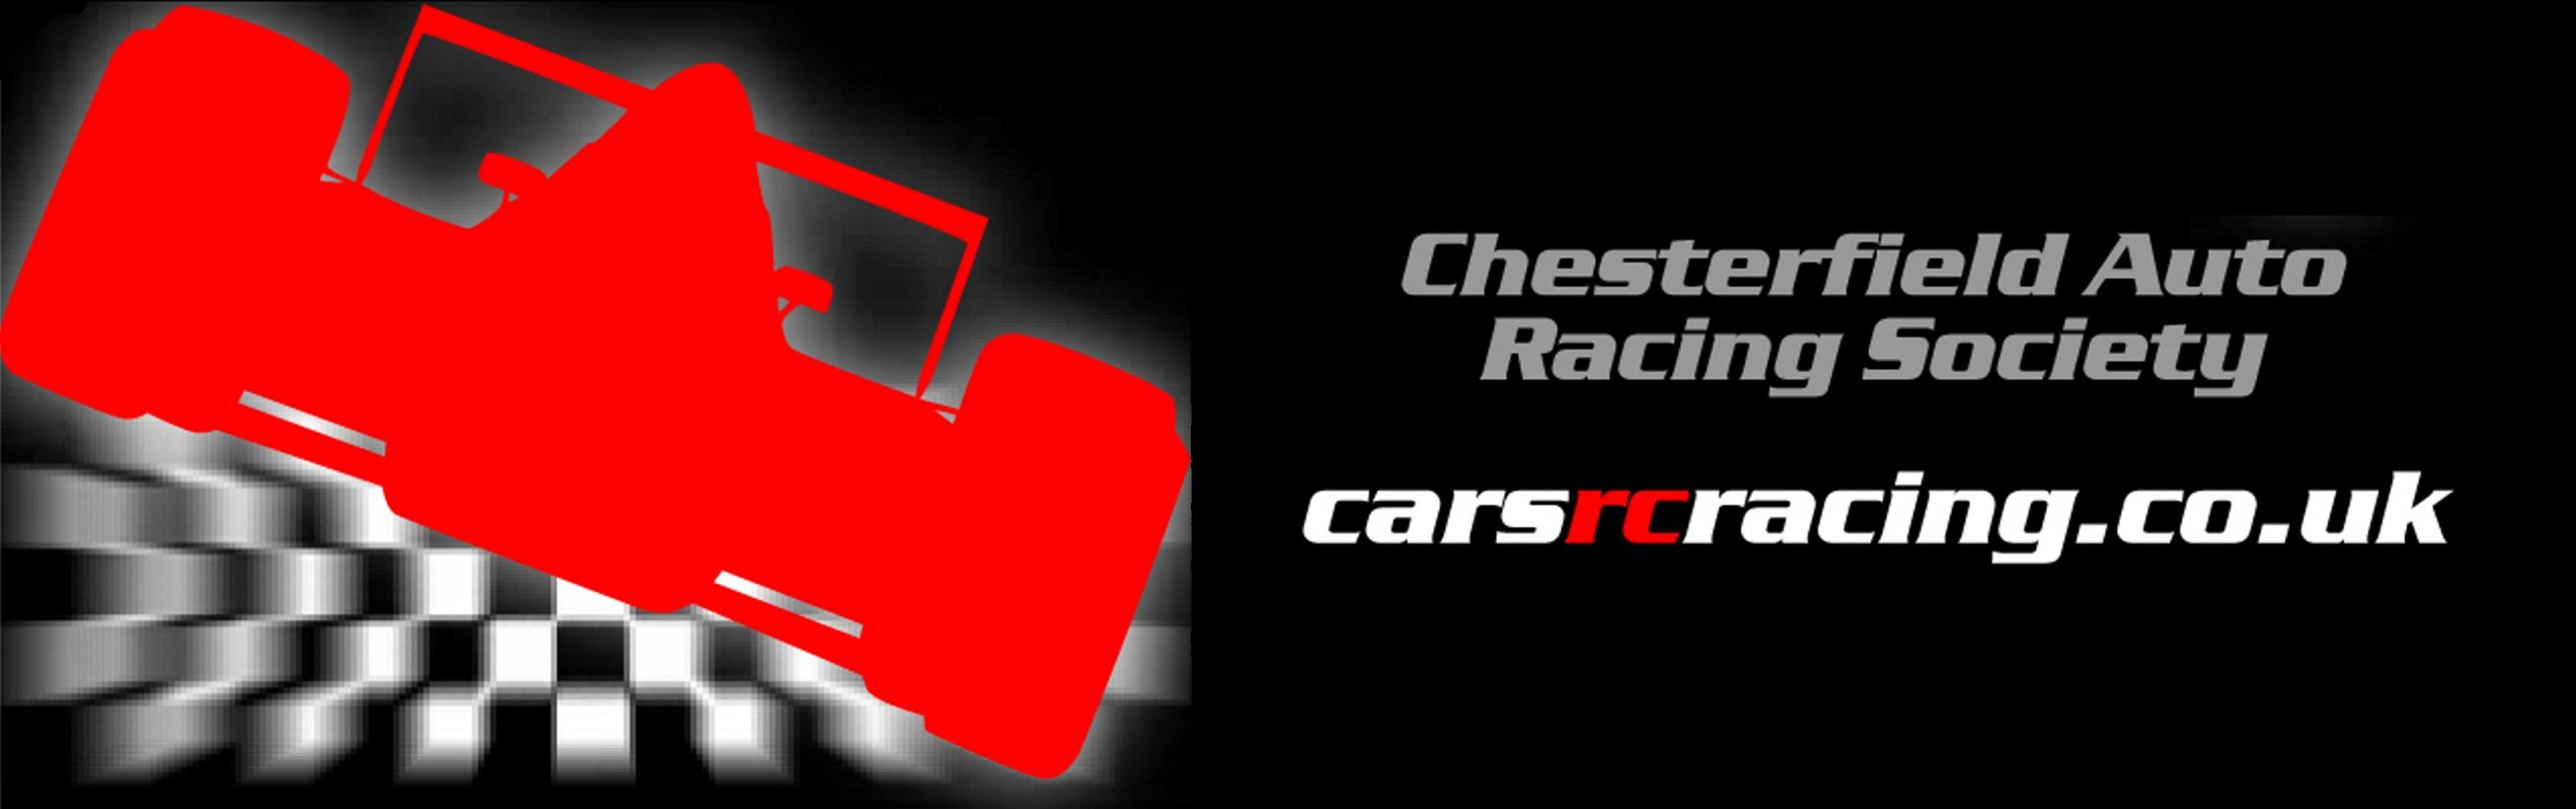 CARSrcracing.co.uk